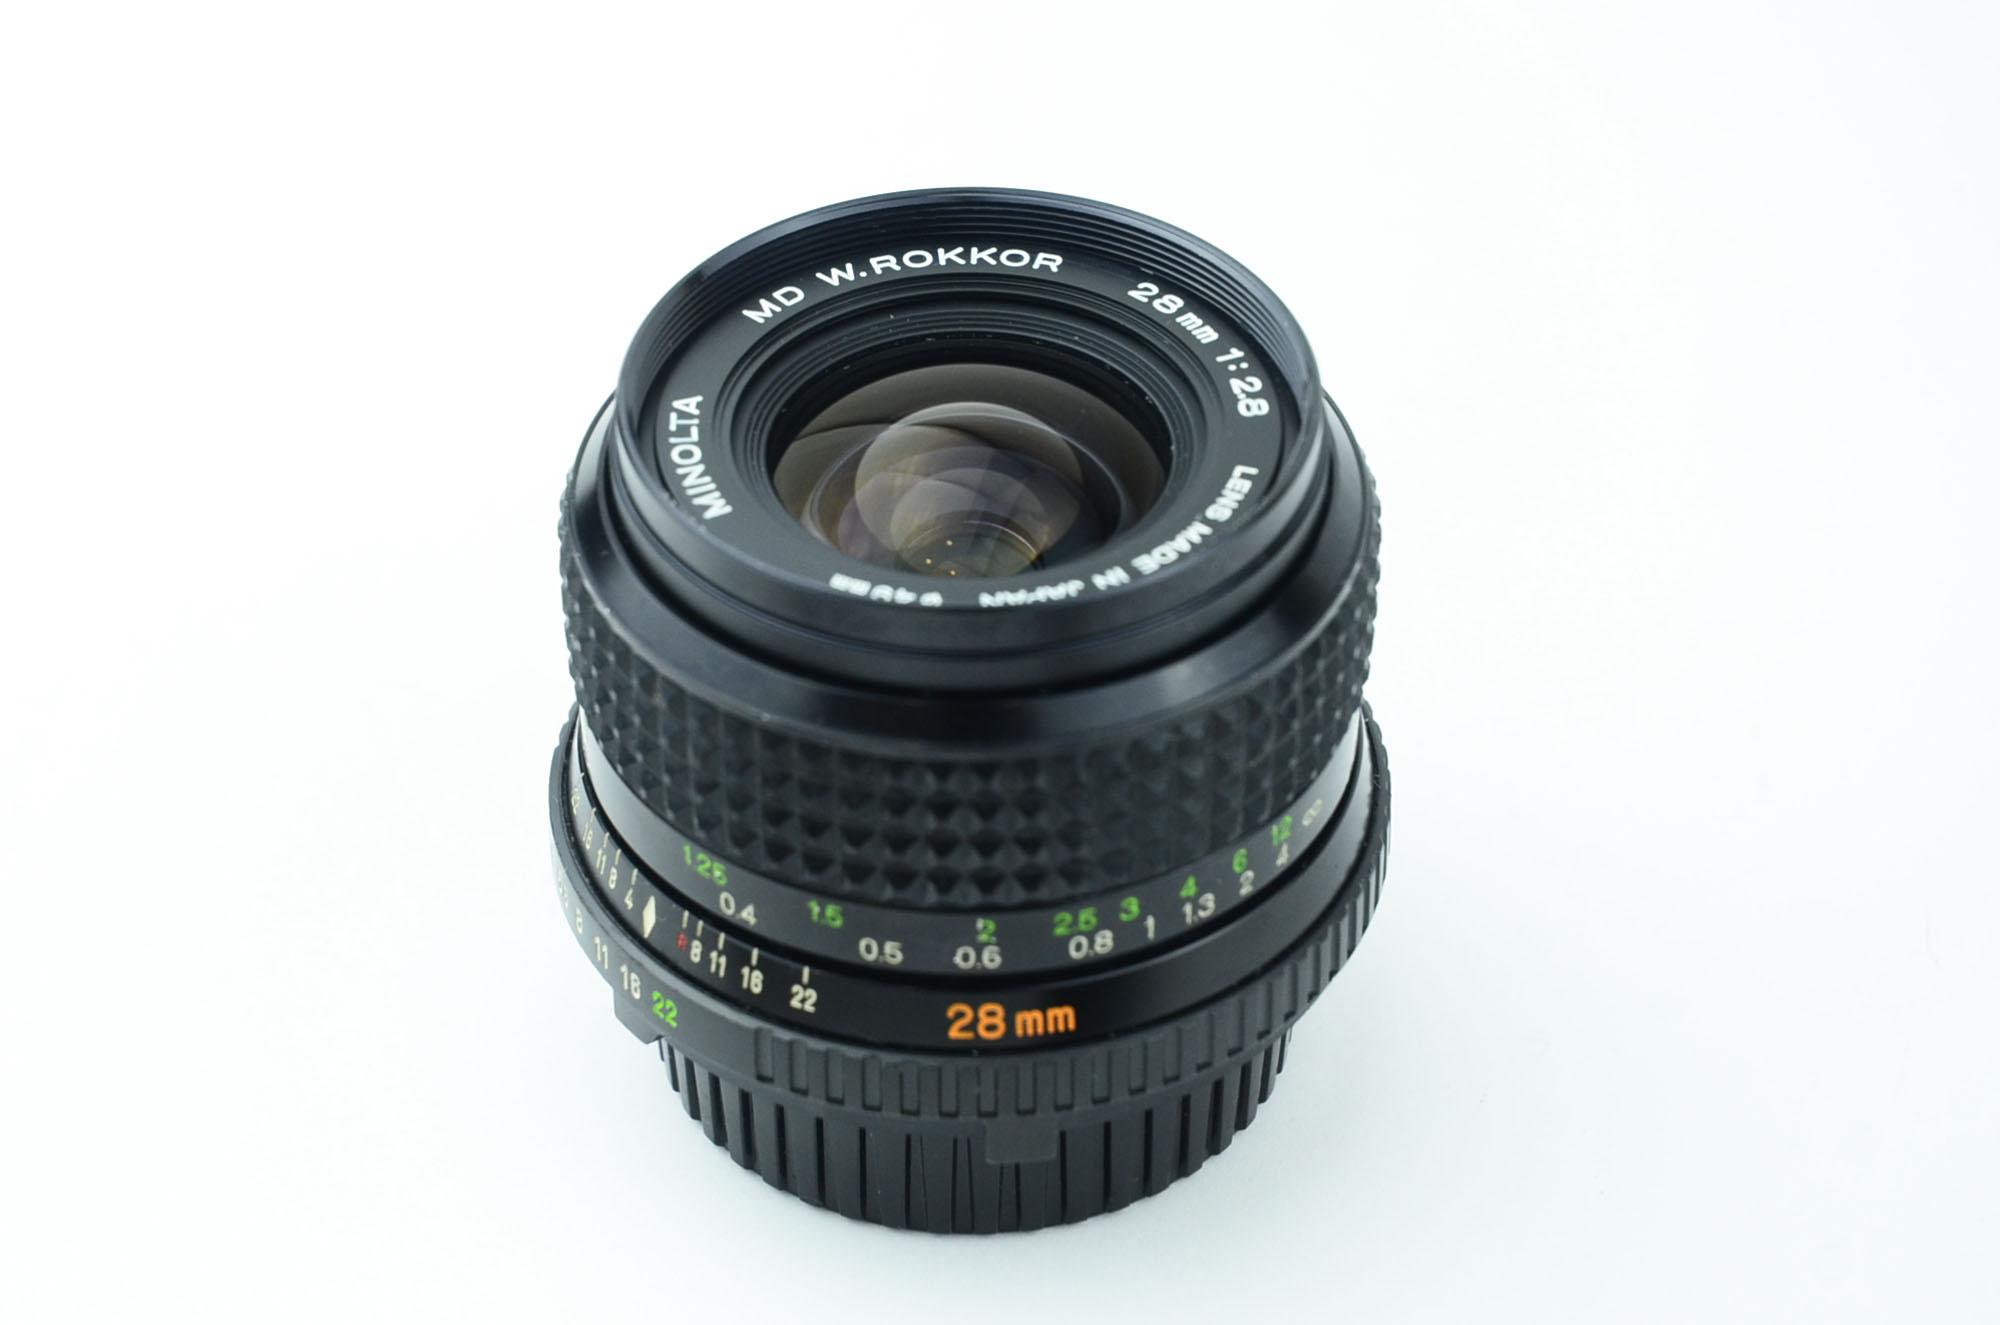 MD ROKKOR 28mm f2.8